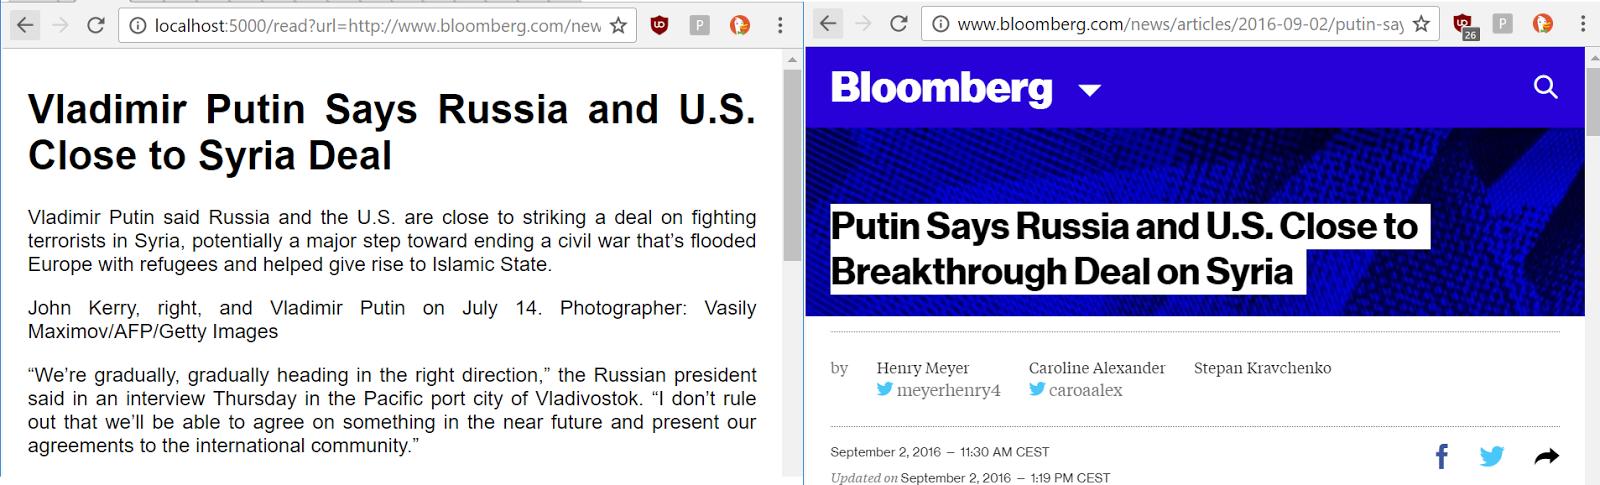 Прокси Украина Под A-Parser Анонимные Прокси Для Парсинга